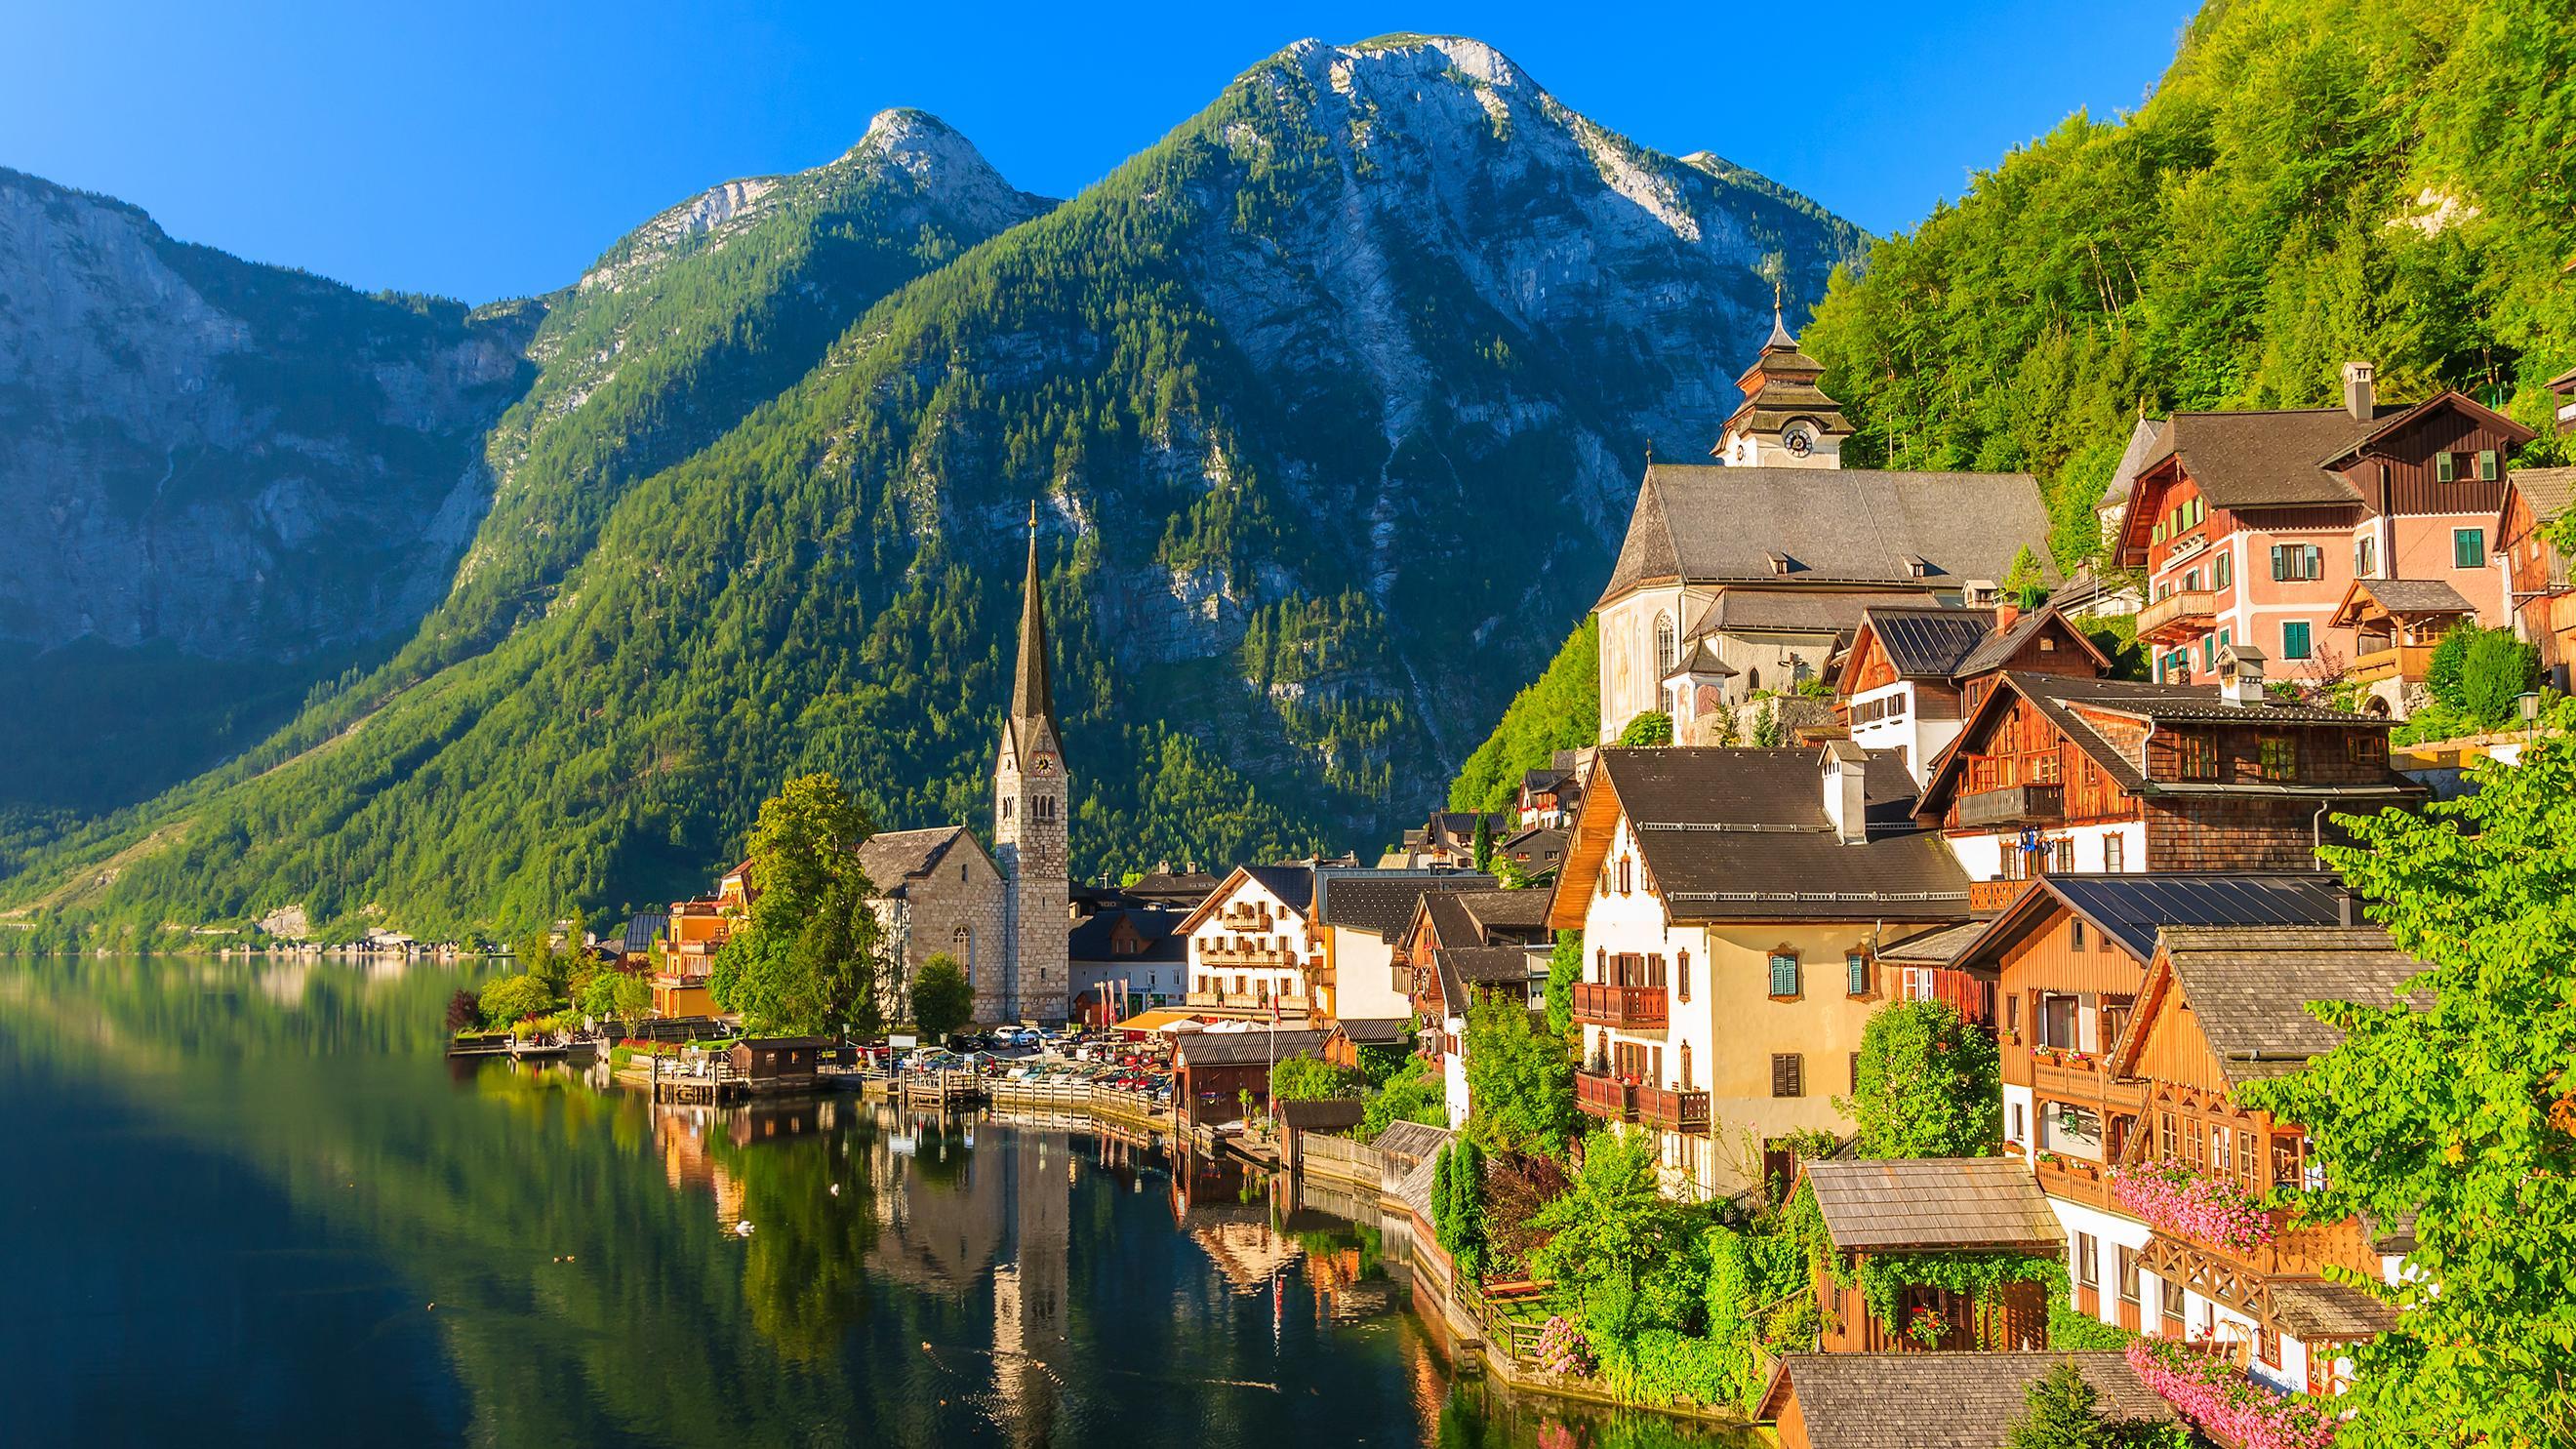 171f664a0be8ad 10 cudownych górskich miasteczek w Europie - Podróże